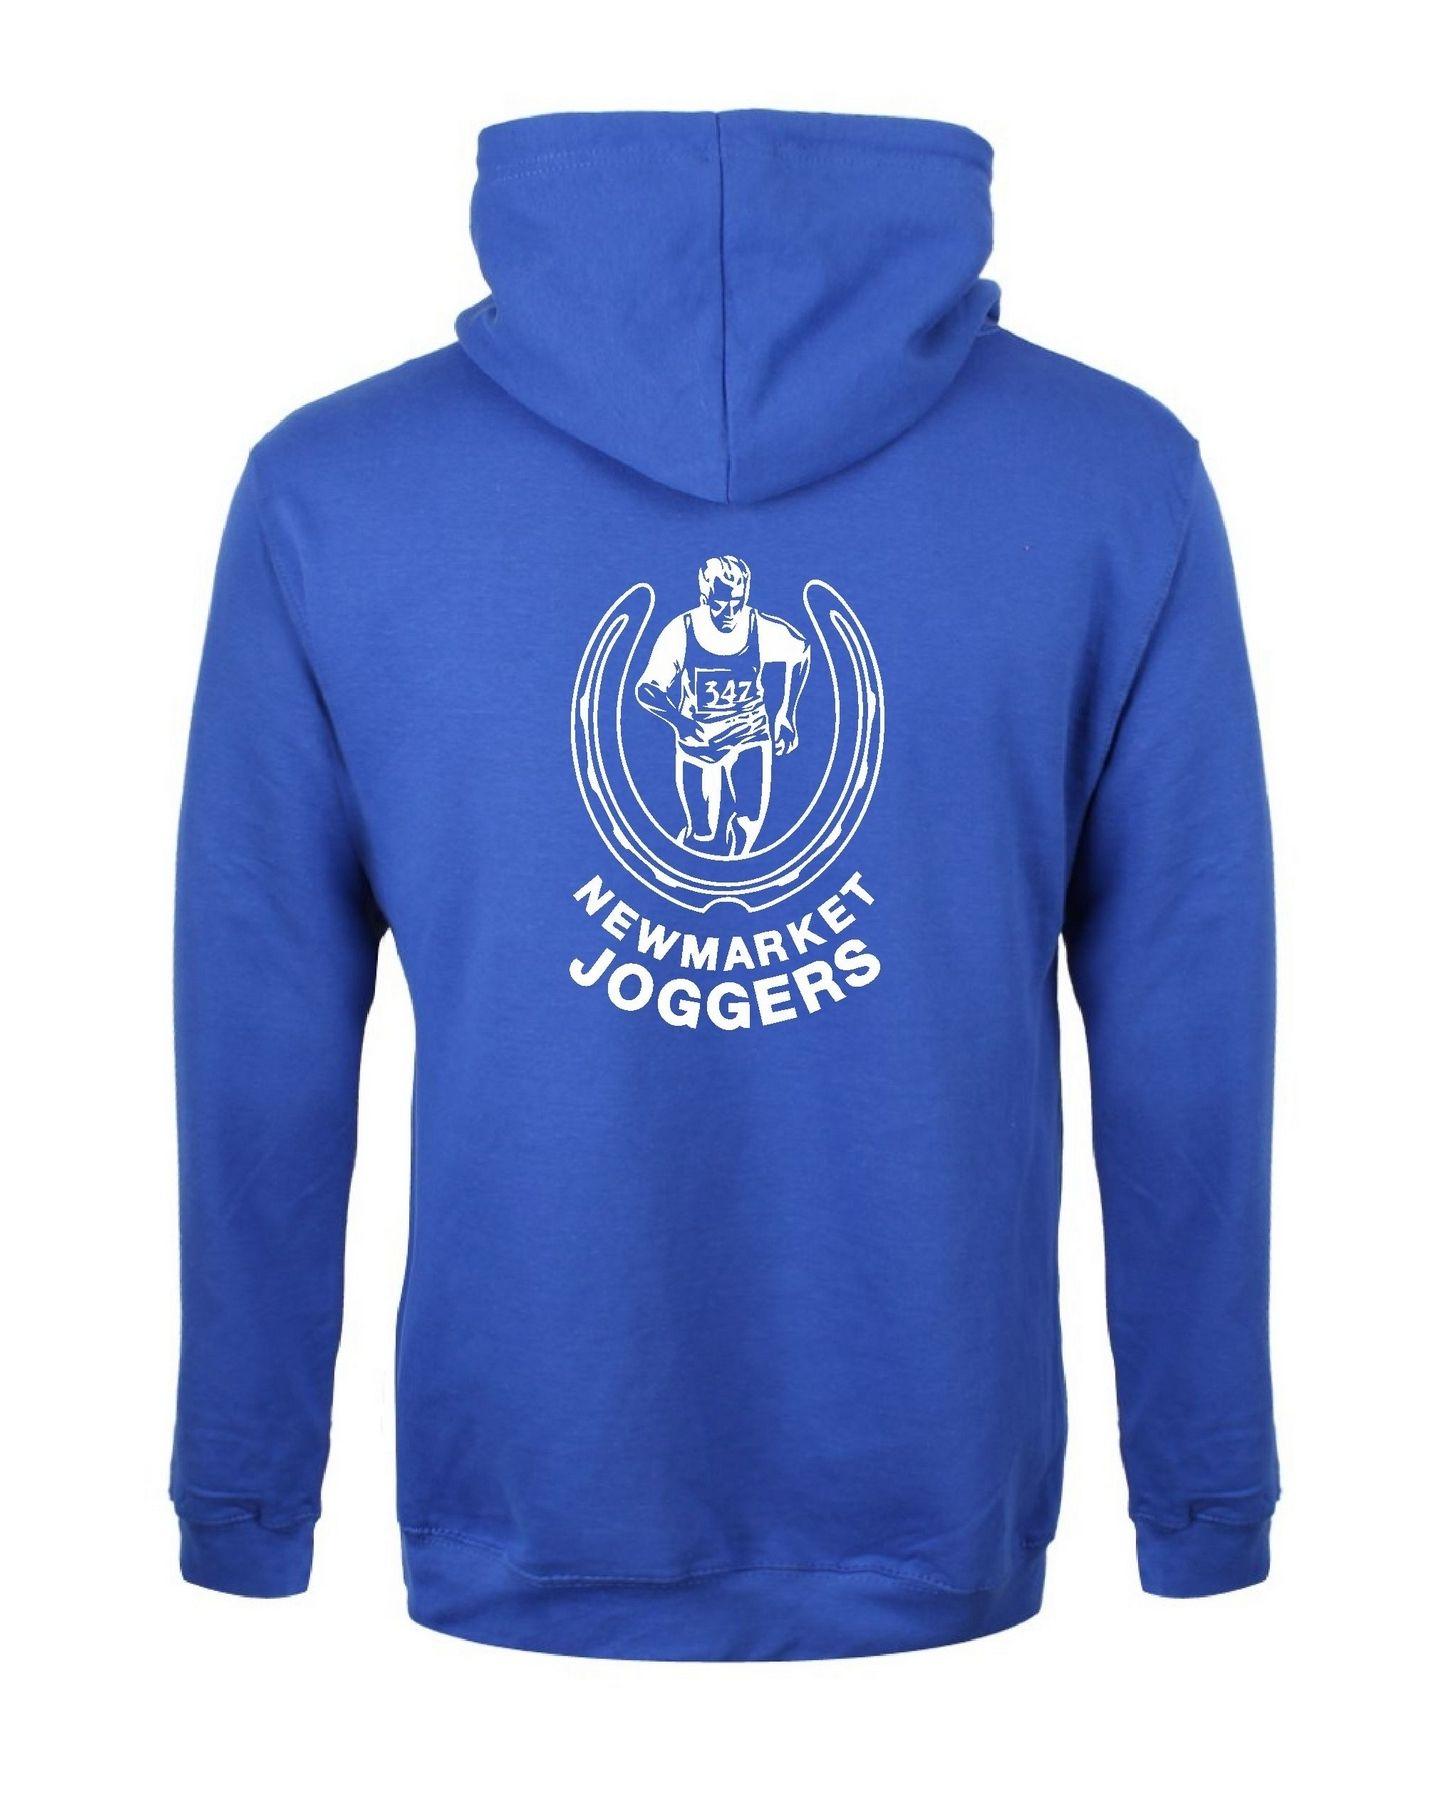 Newmarket Joggers – Hoodie (Ladies)